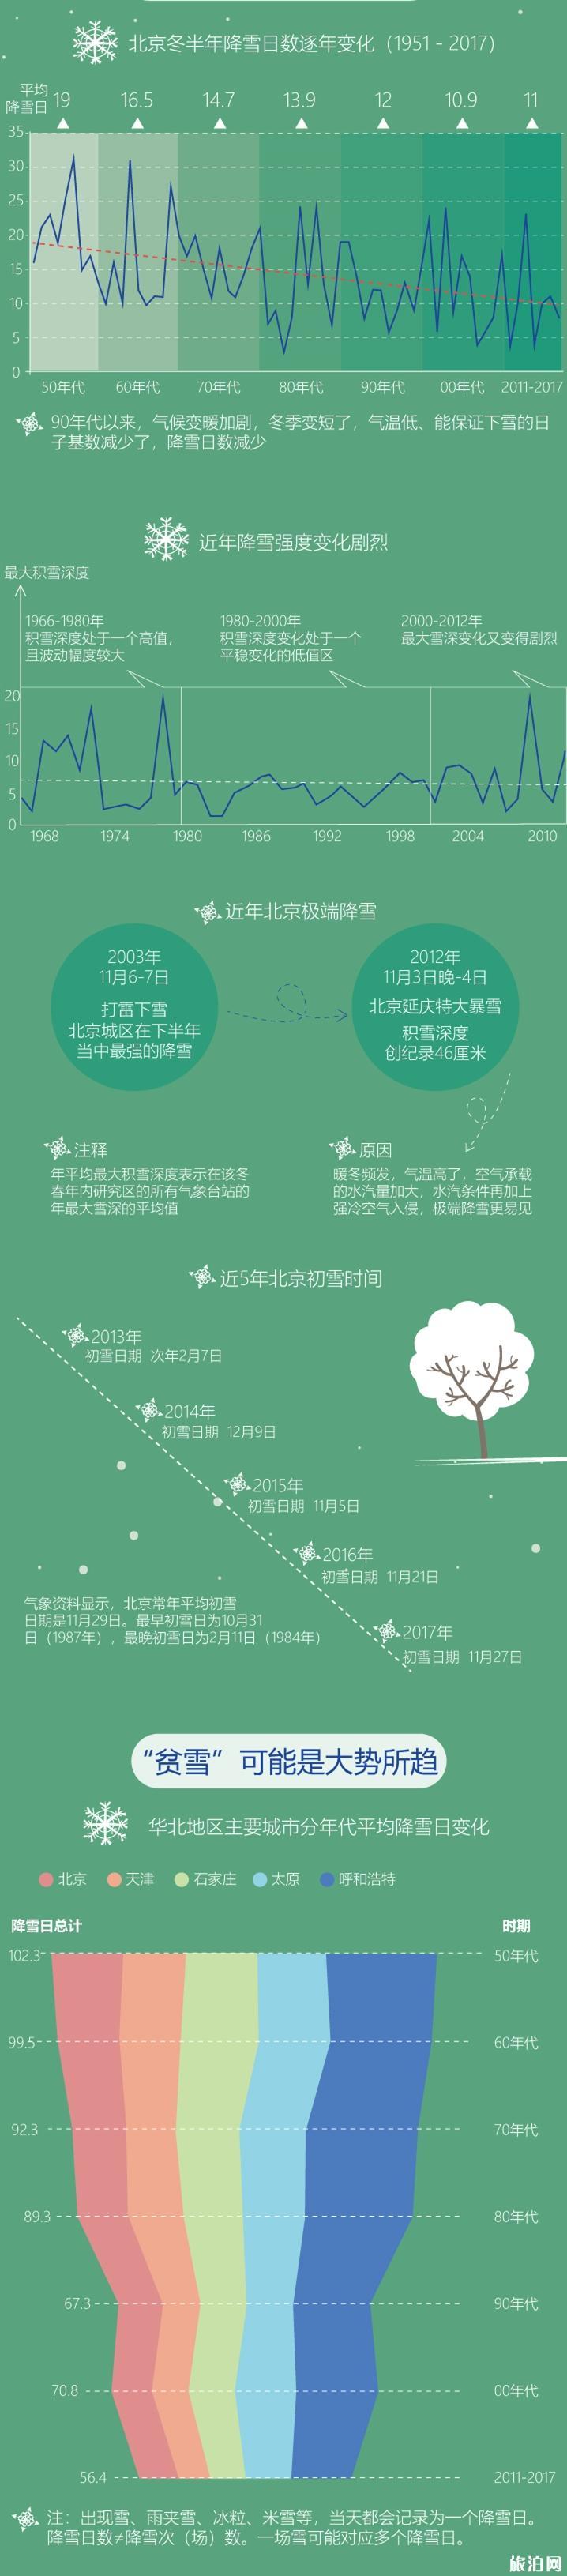 2019年春节北京下雪吗 过年北京冷吗